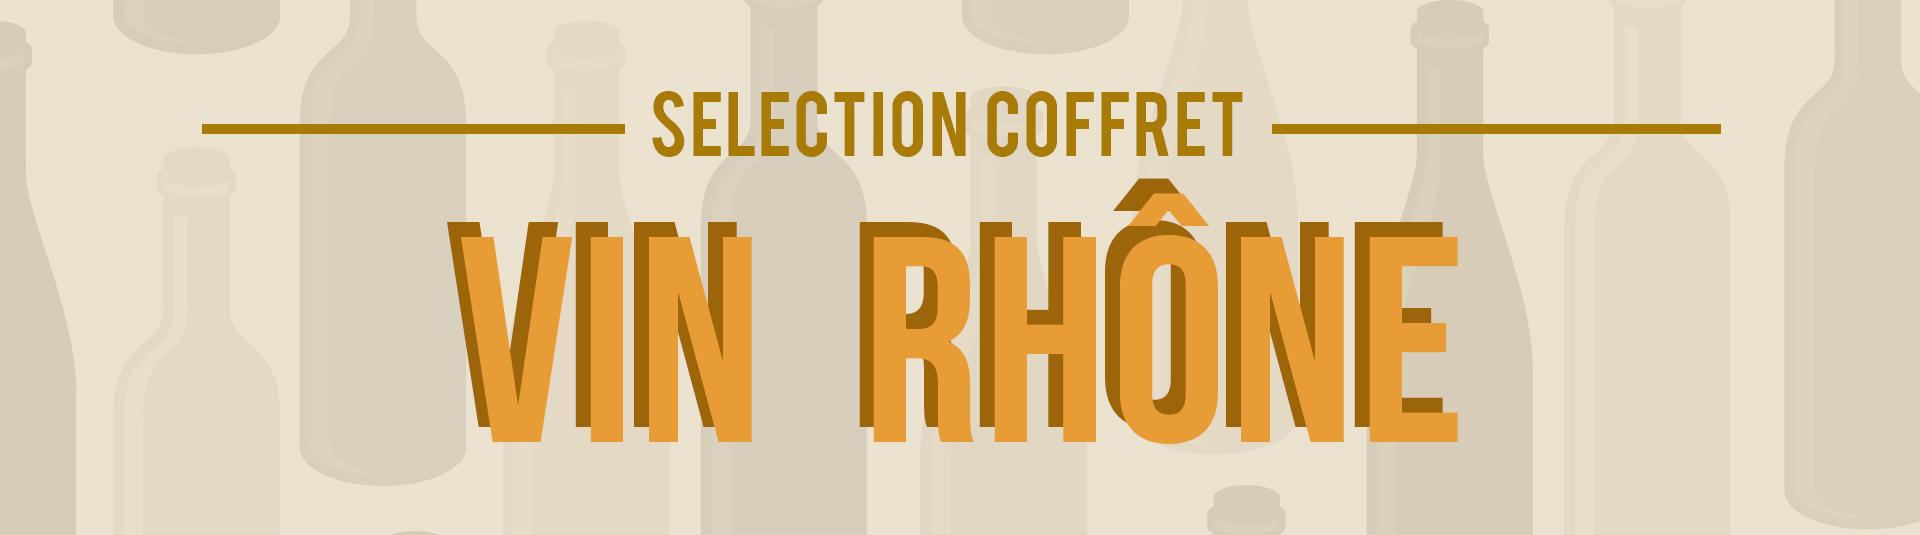 Coffret vin Rhône